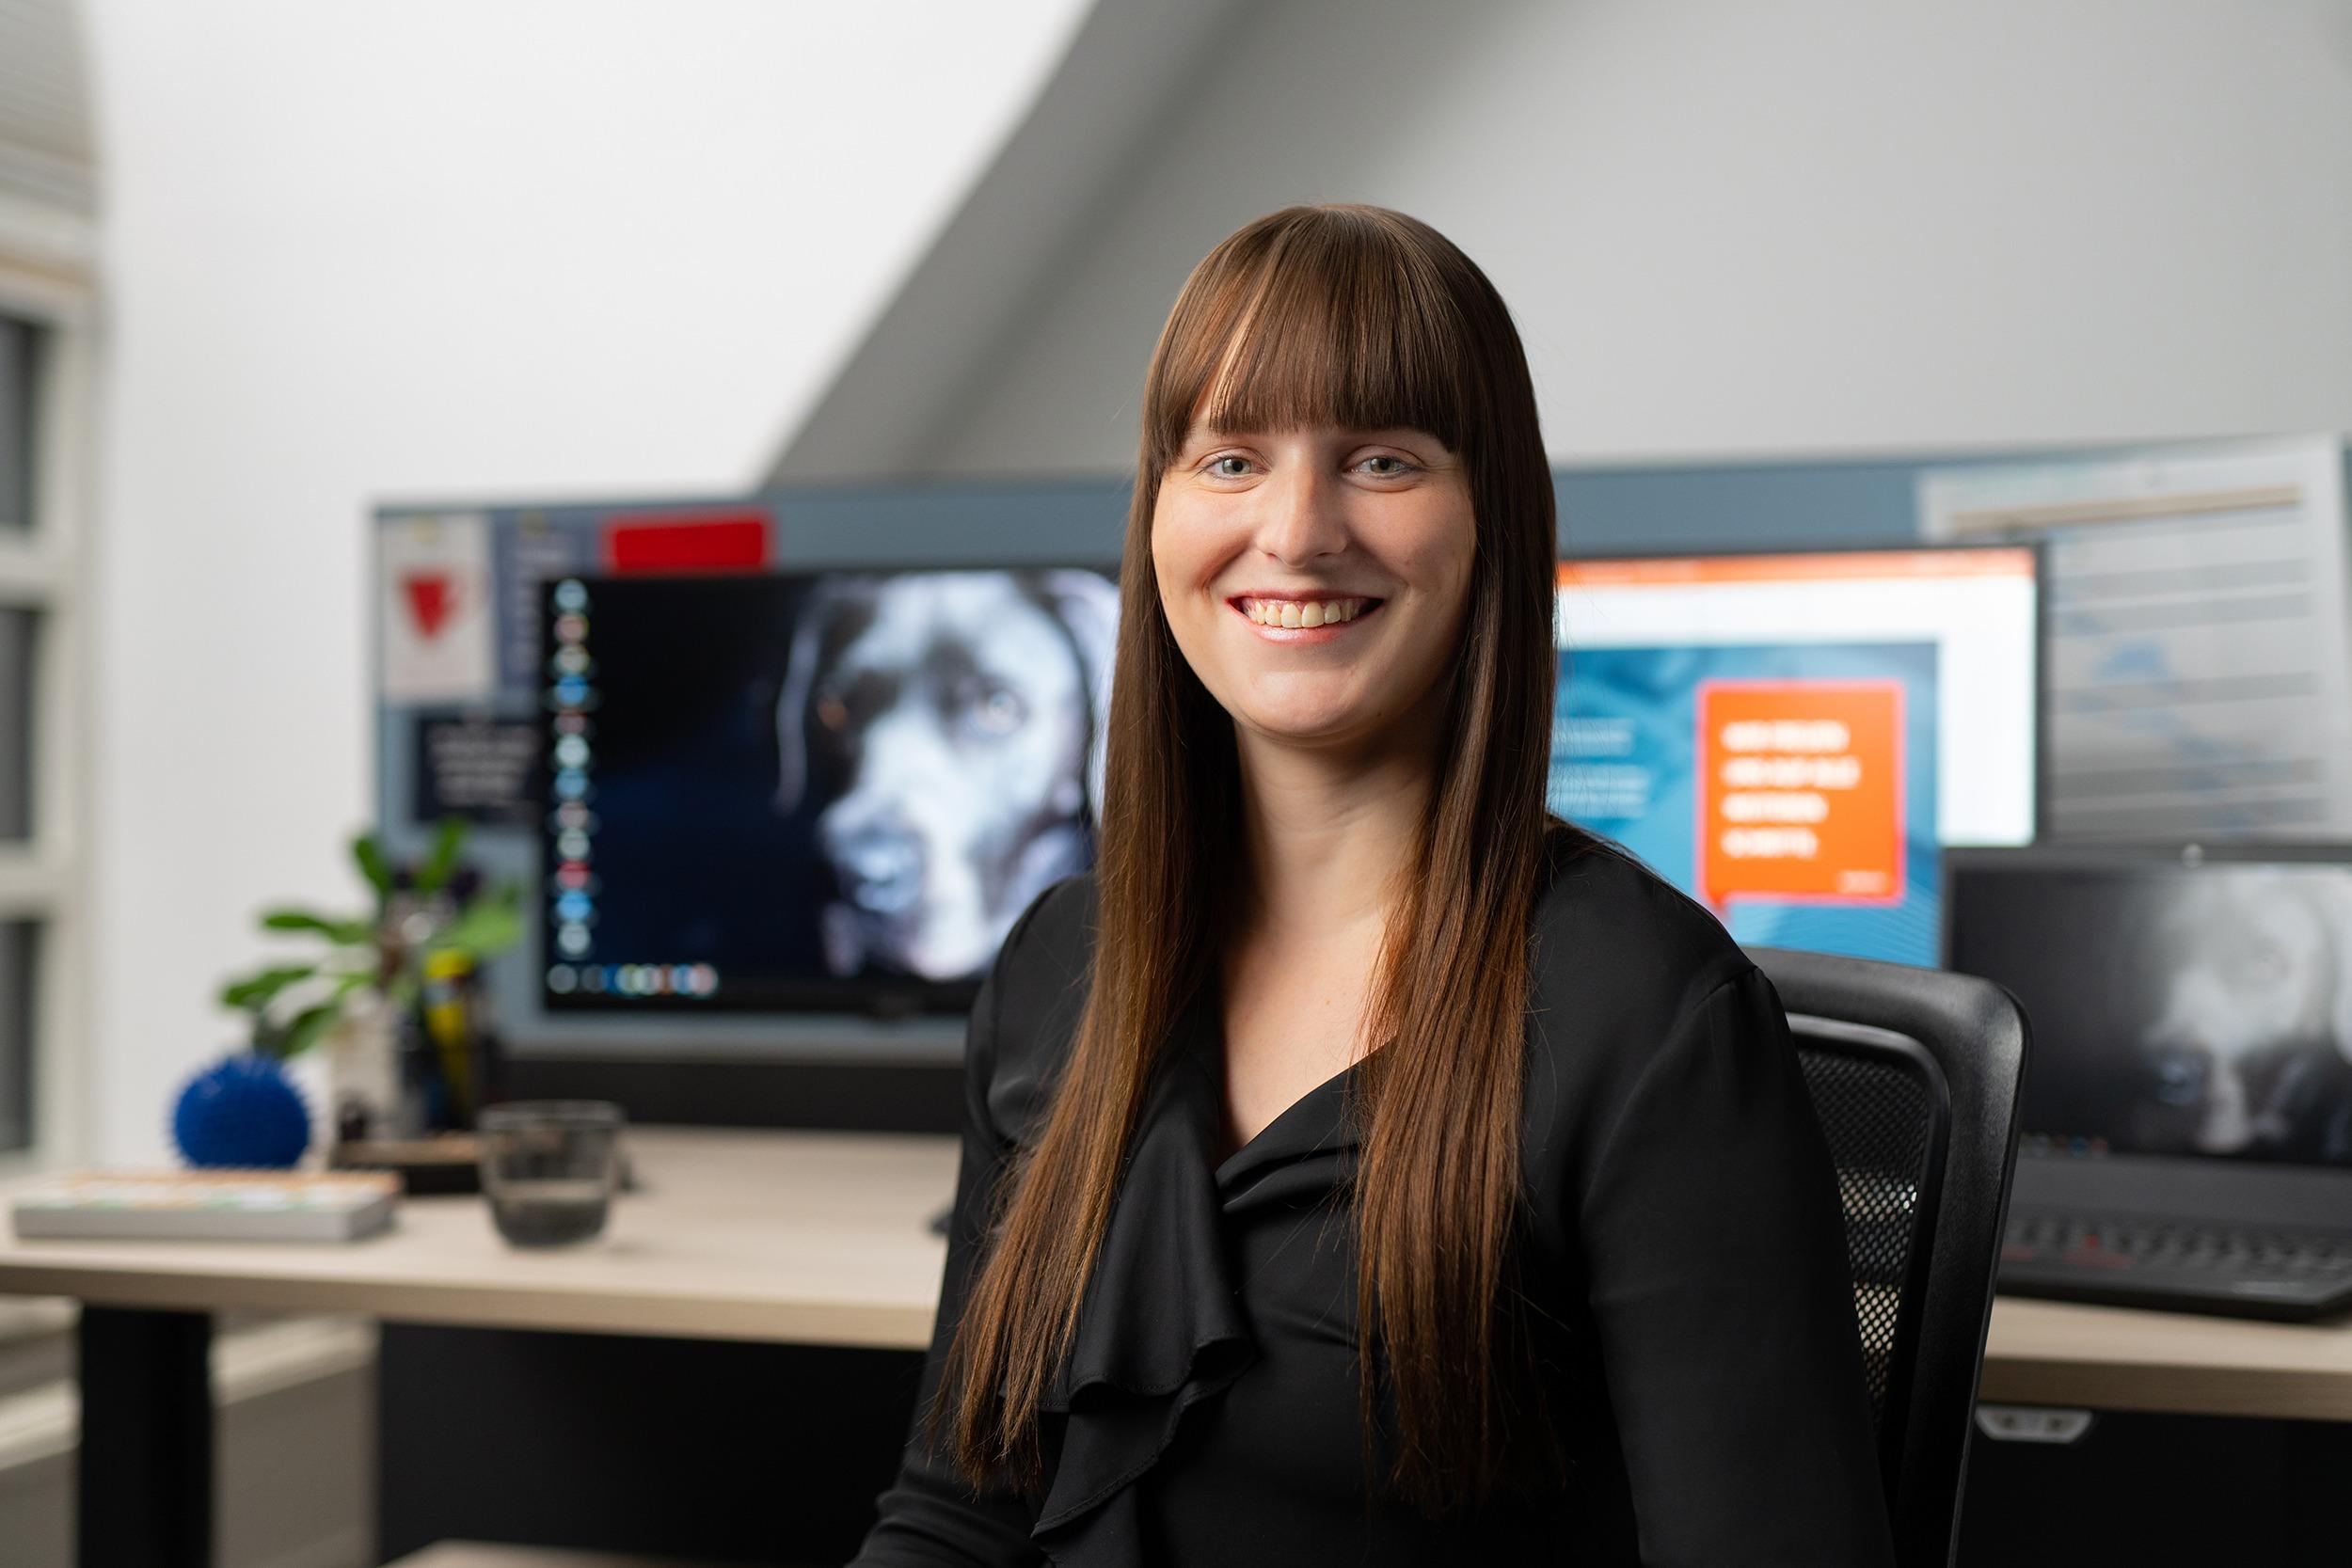 Portrait Mitarbeiterin vor Schreibtisch mit Monitoren